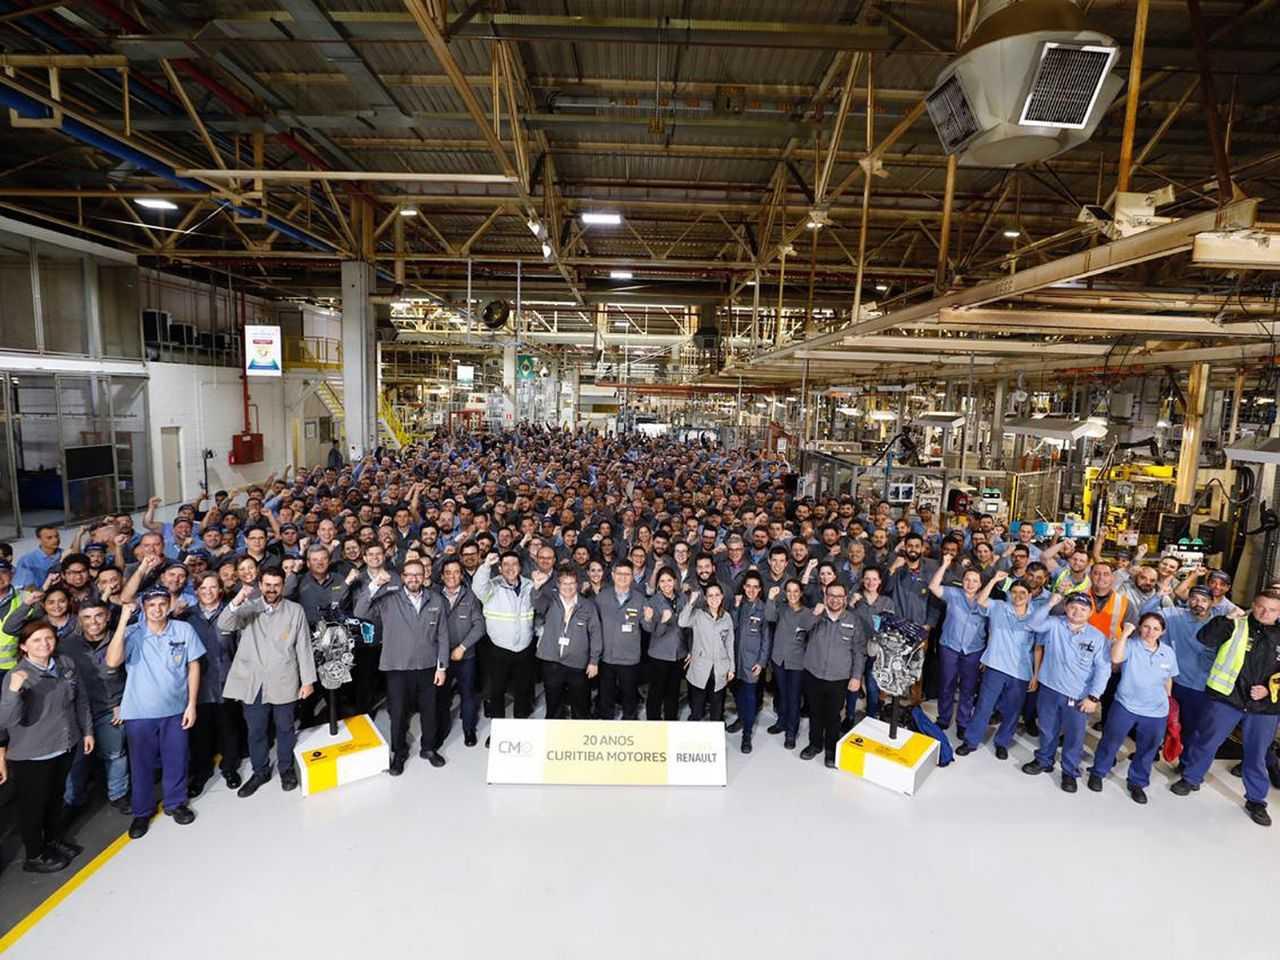 Renault celebra os 20 anos da Curitiba Motores